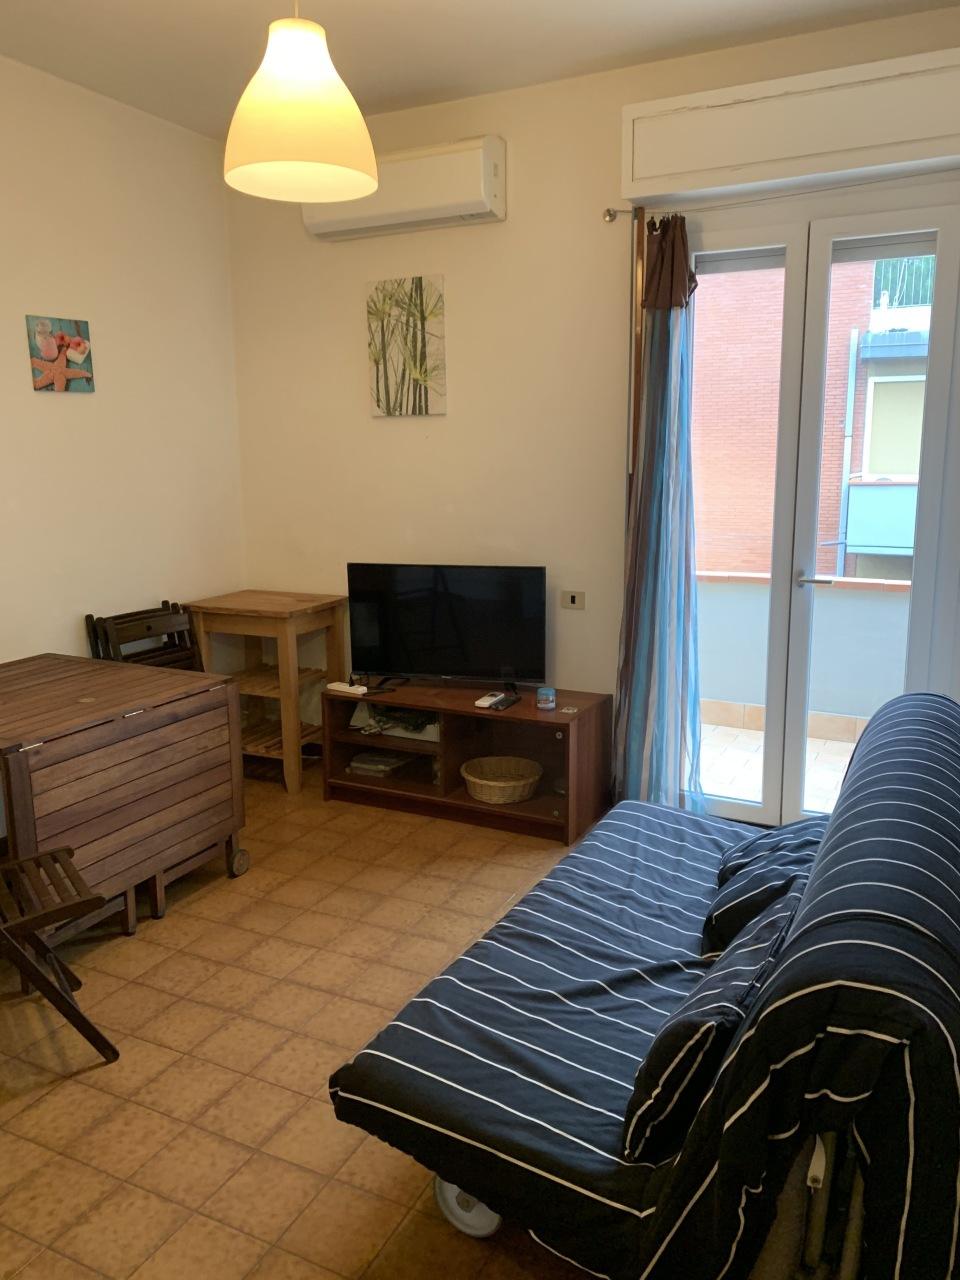 Appartamento in vendita a Sarzana, 2 locali, prezzo € 125.000 | PortaleAgenzieImmobiliari.it